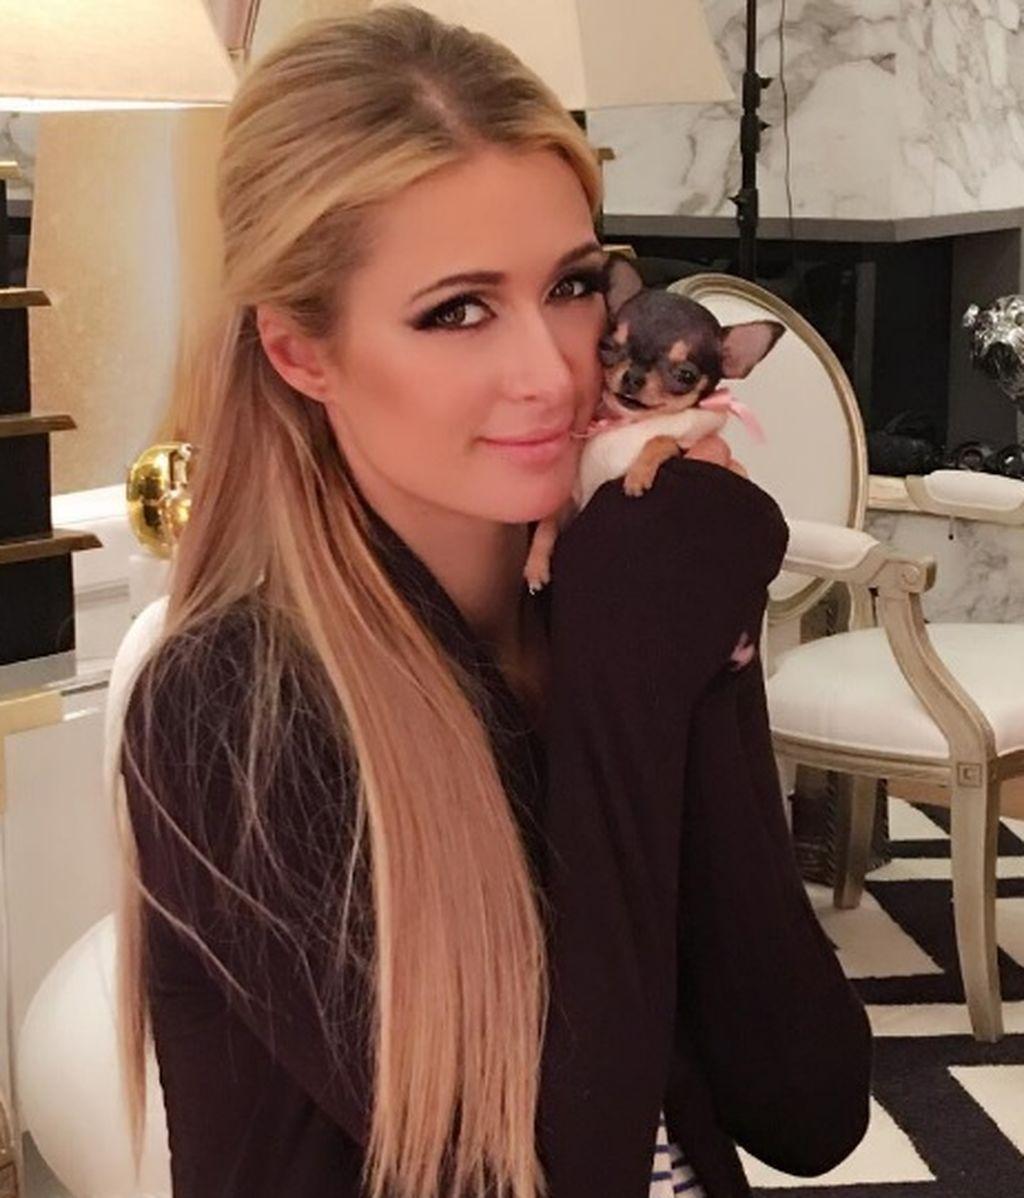 Ha costado 8.000 dólares y mide como tu mano: el nuevo chihuahua de Paris Hilton